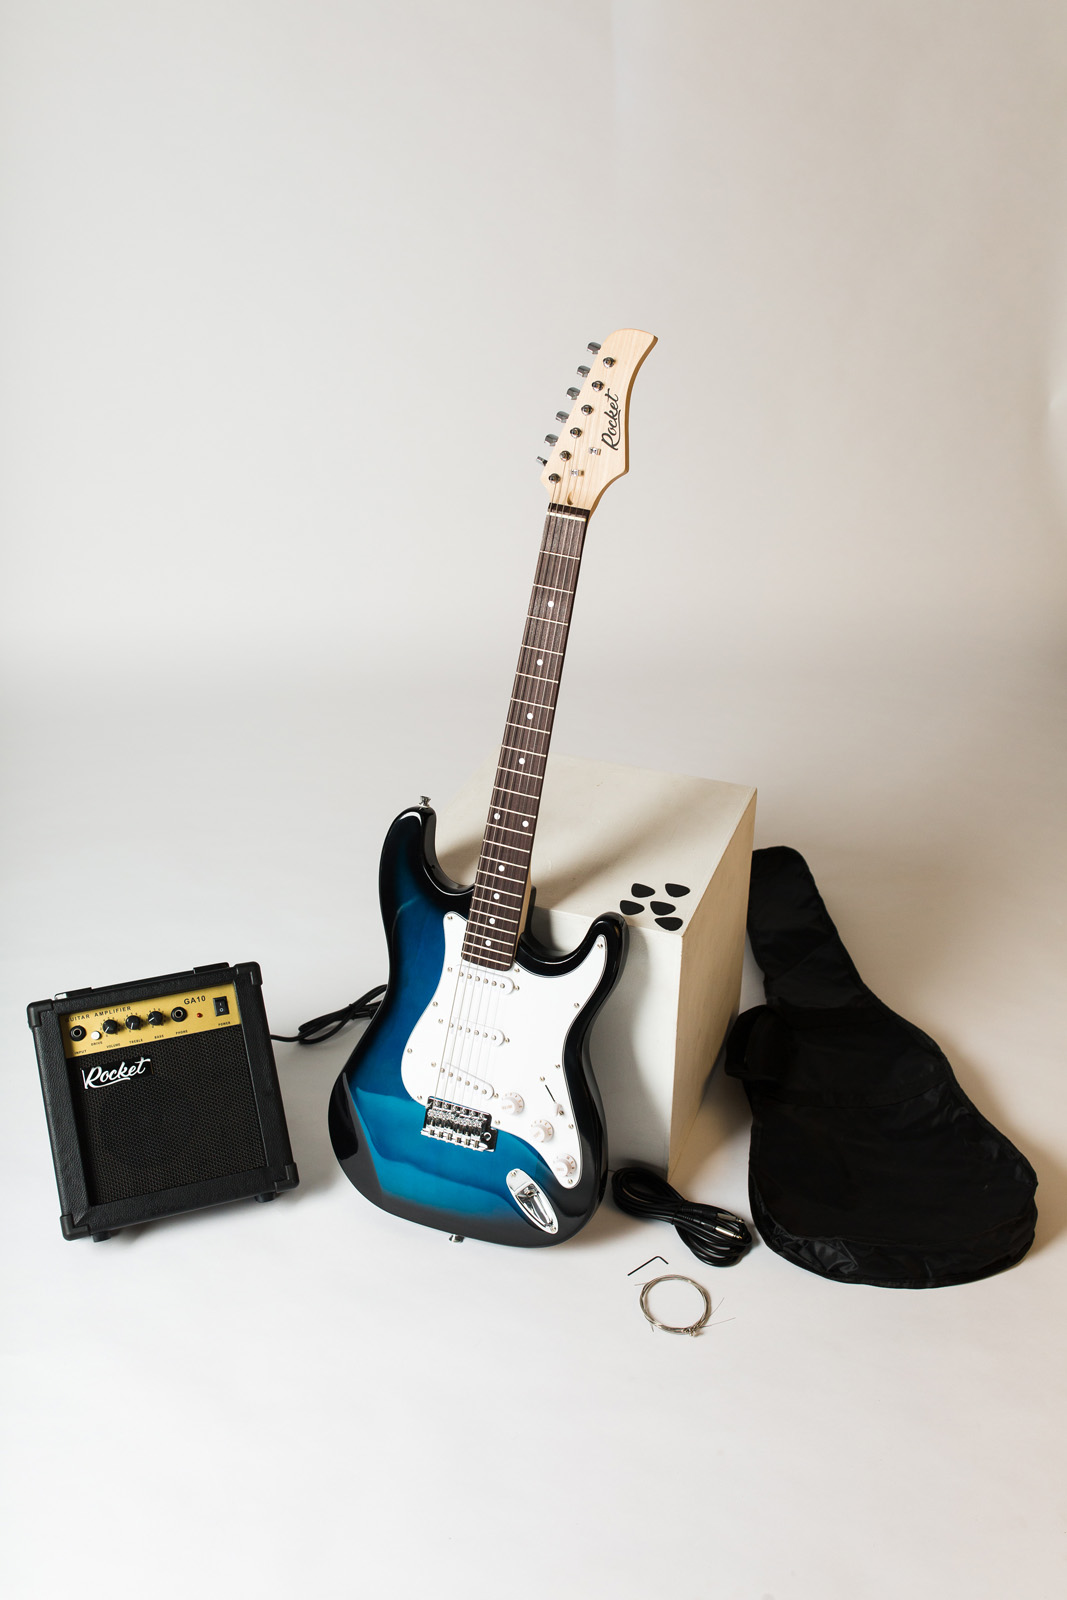 Электрогитара RockEt для начинающих с комбиком и аксессуарами, синий